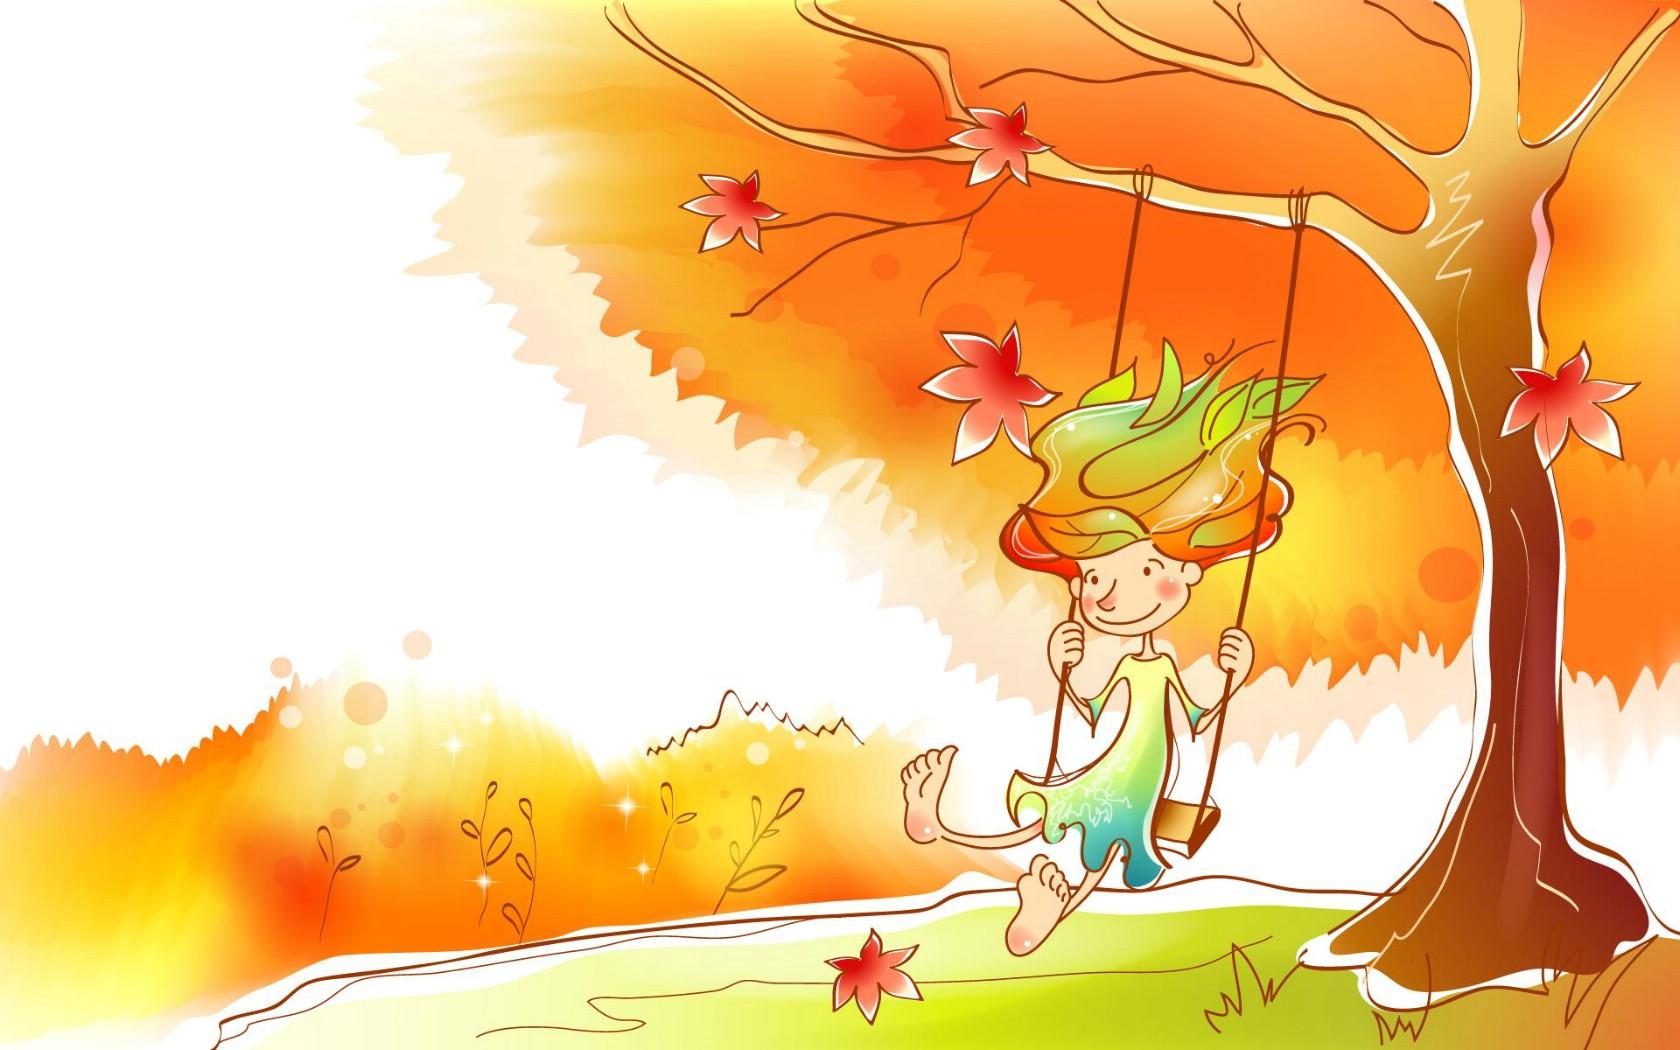 壁纸1680×1050秋天的童话 橙色卡通宽屏壁纸 壁纸1壁纸 秋天的童话 橙色卡通壁纸图片动漫壁纸动漫图片素材桌面壁纸